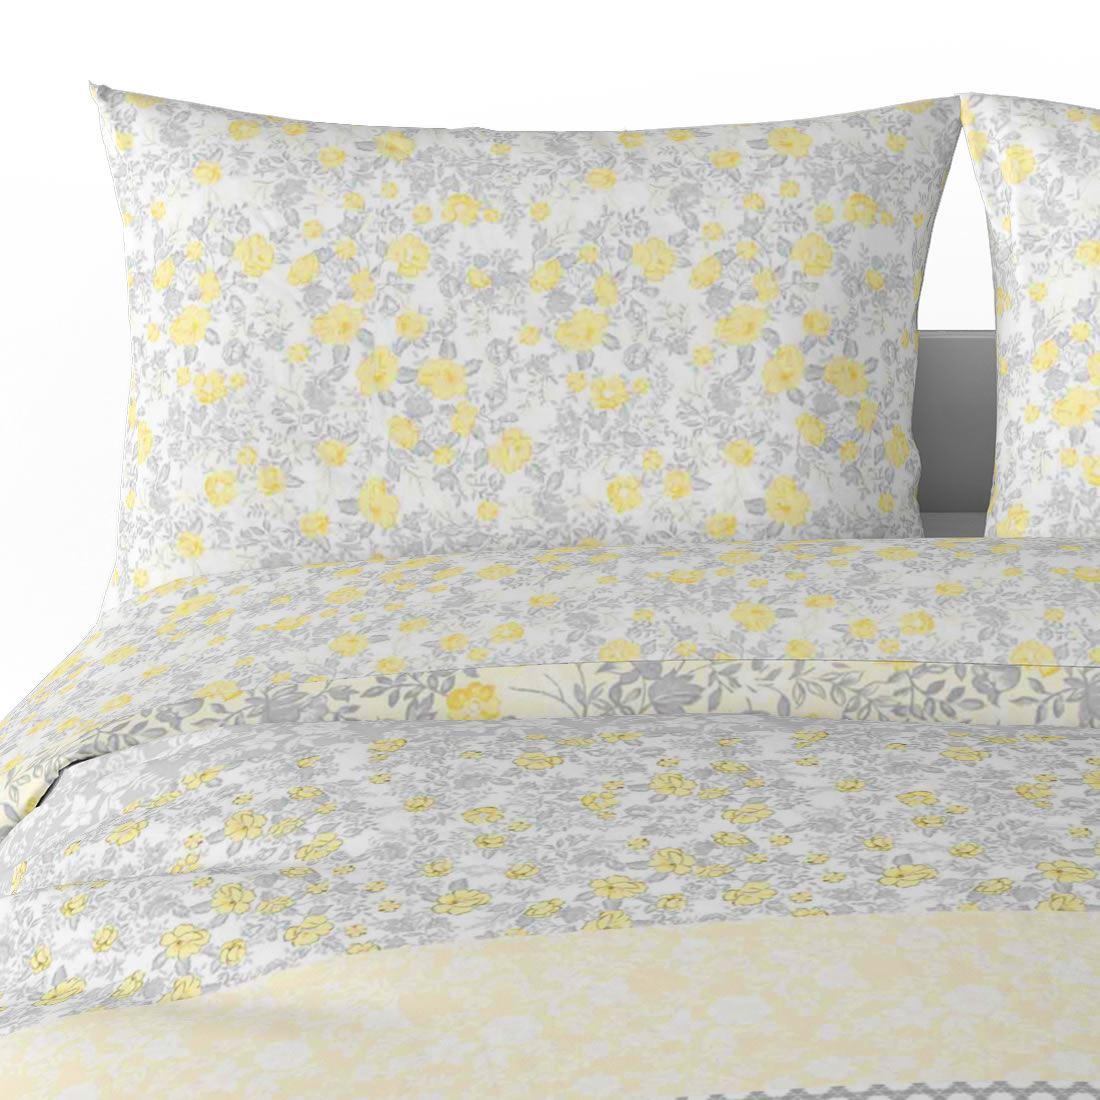 Mostaza-amarillo-ocre-Funda-de-edredon-impreso-Edredon-juego-ropa-de-cama-cubre-conjuntos miniatura 21